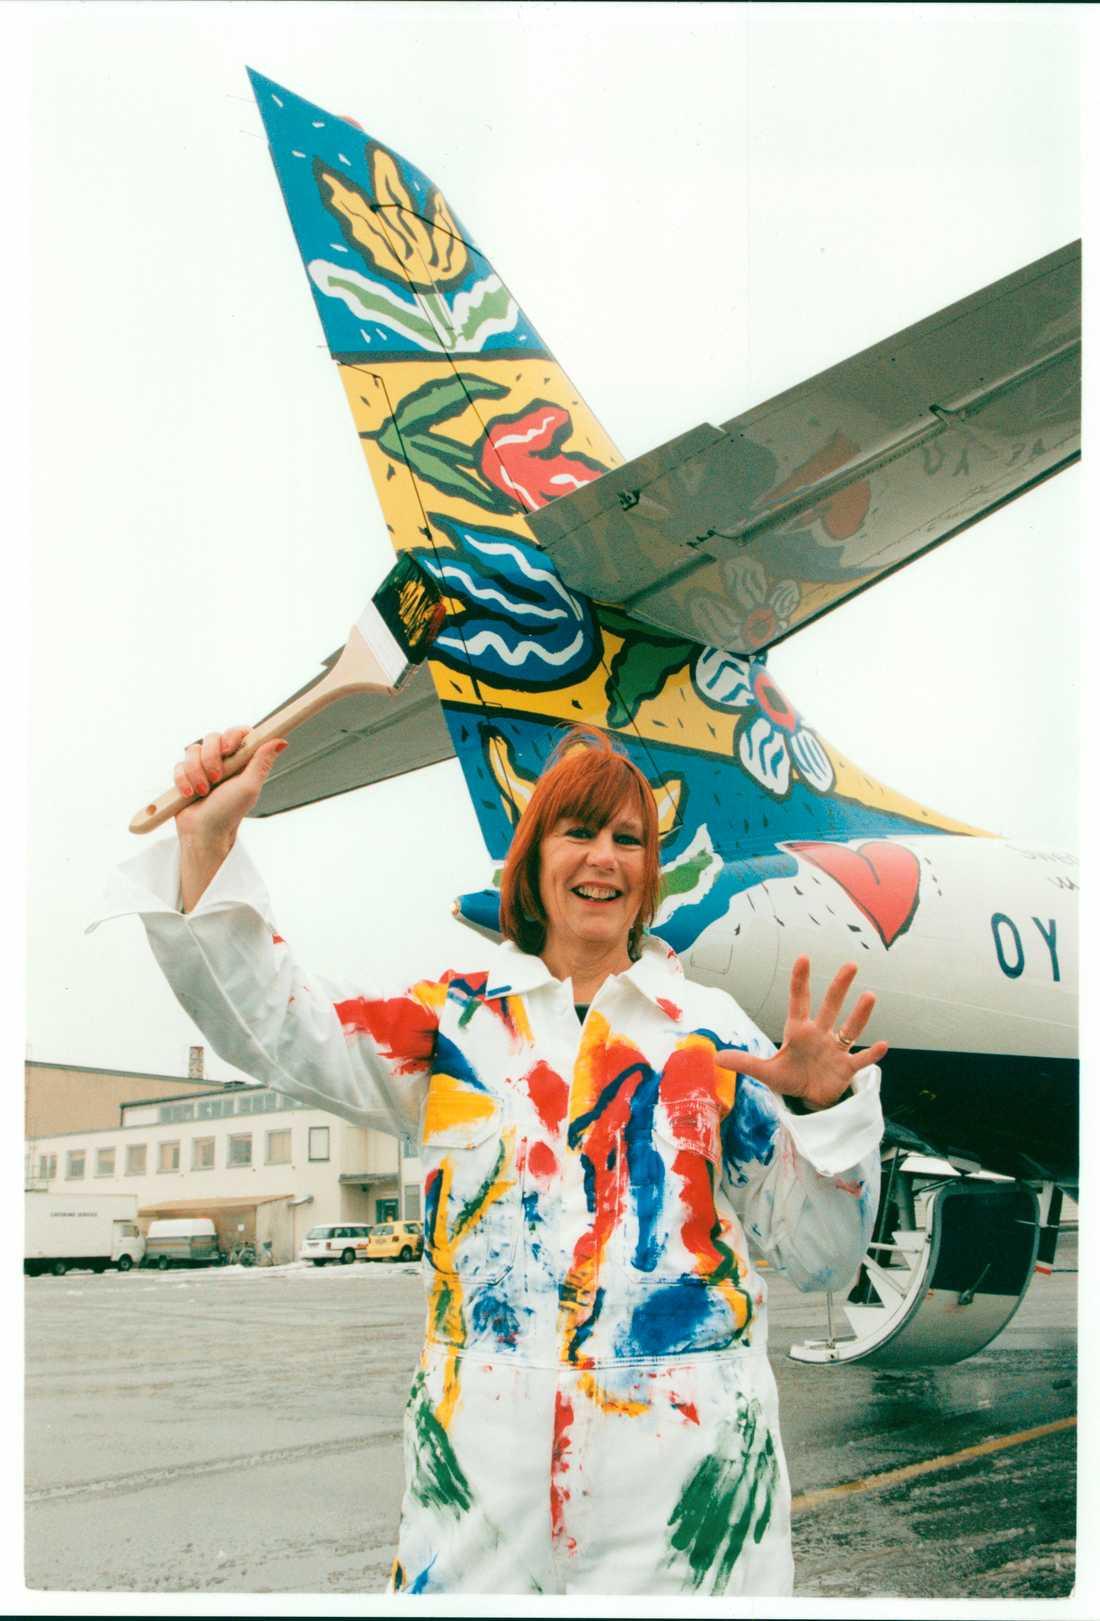 1995 målade Hydman Vallien ett flygplan från Brittish airways.